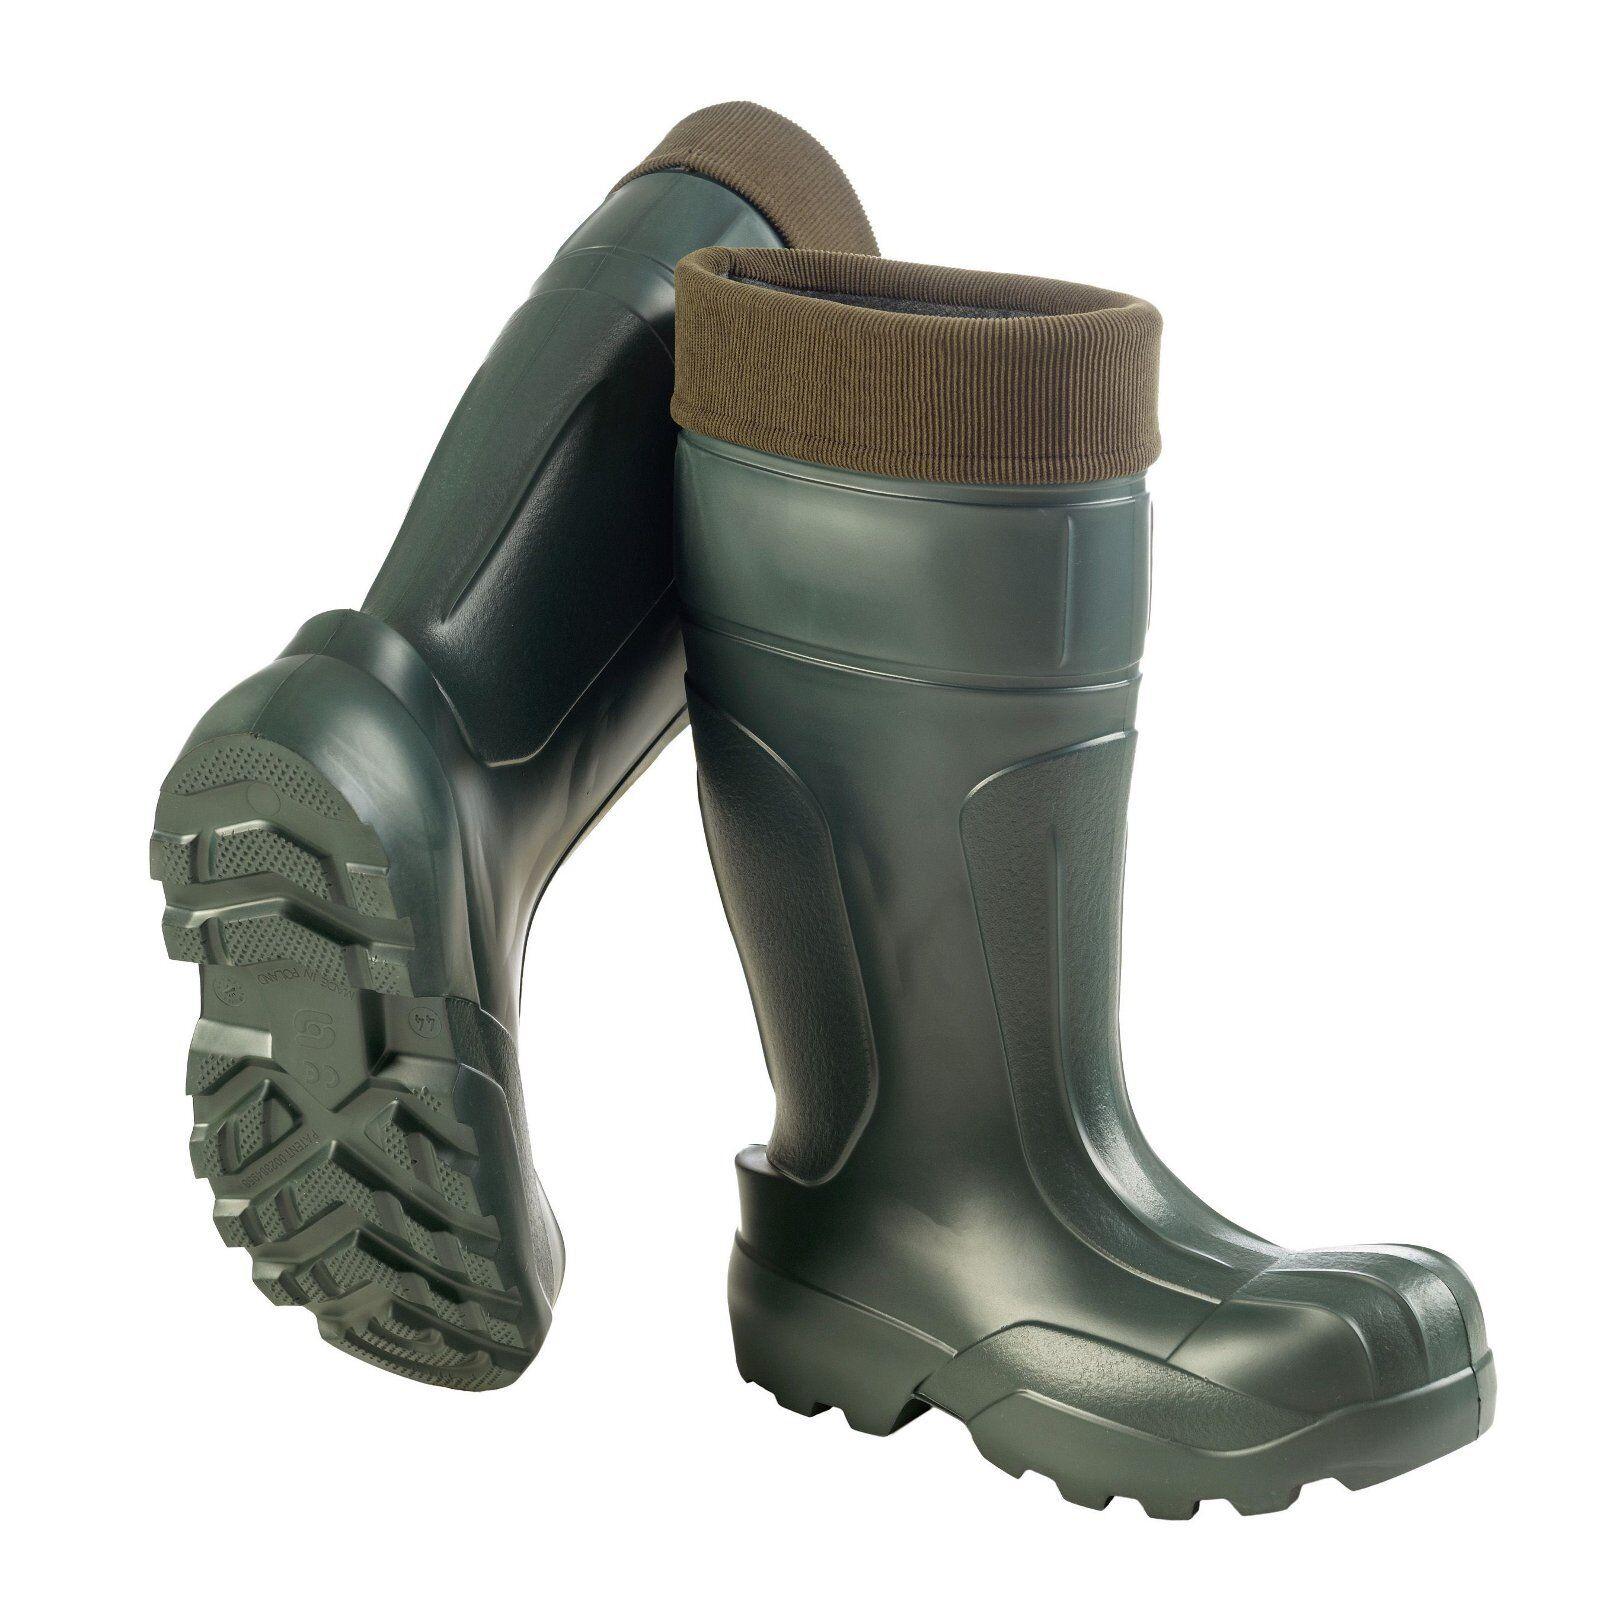 CROSSLANDER Messieurs Bottes Toronto-vert - 43 D'Hiver Bottes D'Hiver 43 Chaussure Bottes en Caoutchouc a72a84